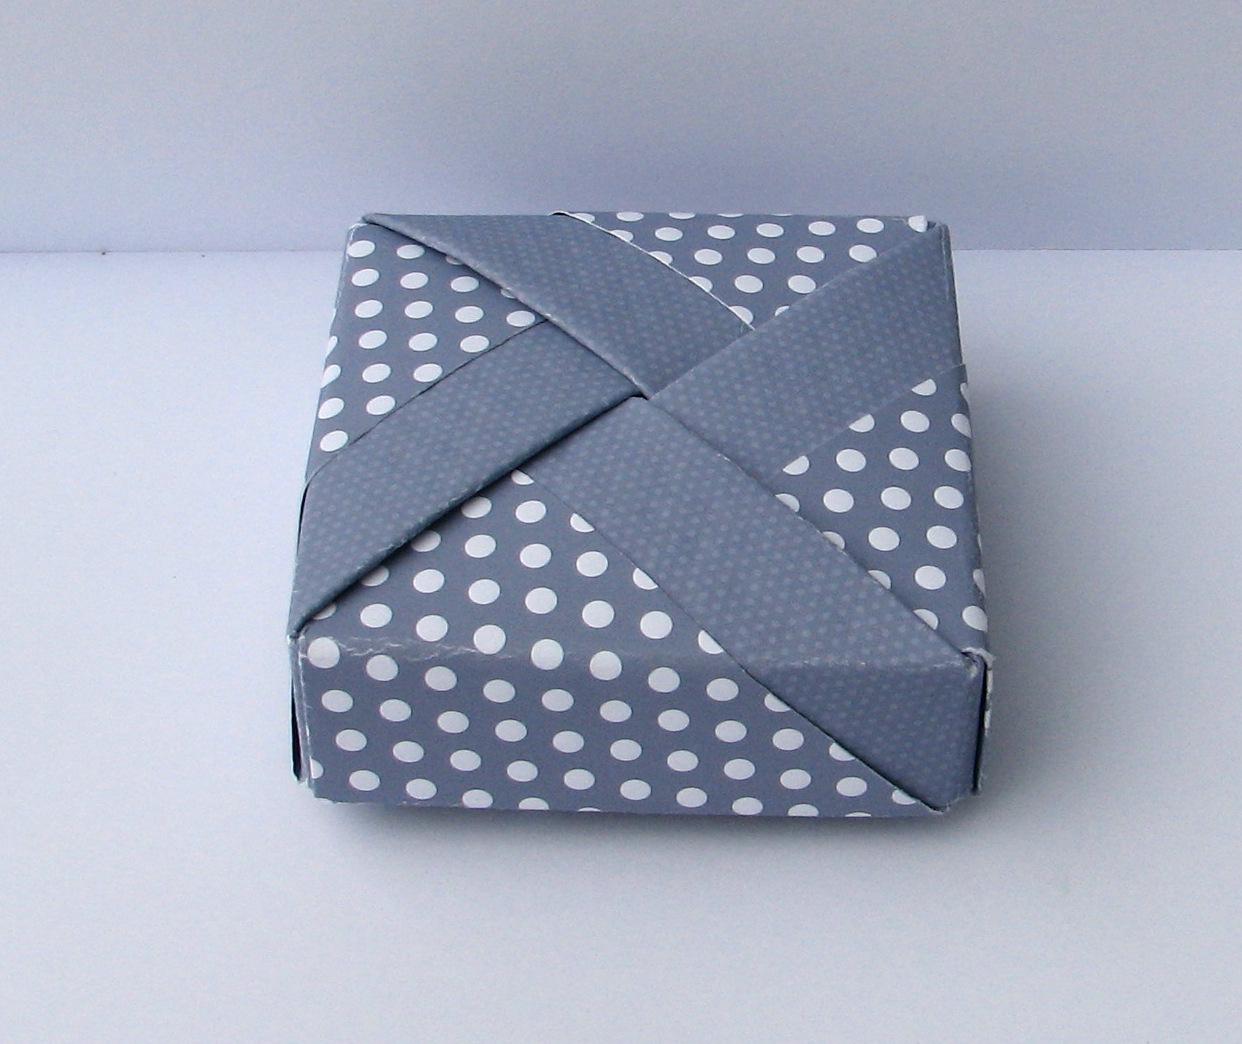 Originelle Geschenkverpackungen Selber Basteln Wohn Design